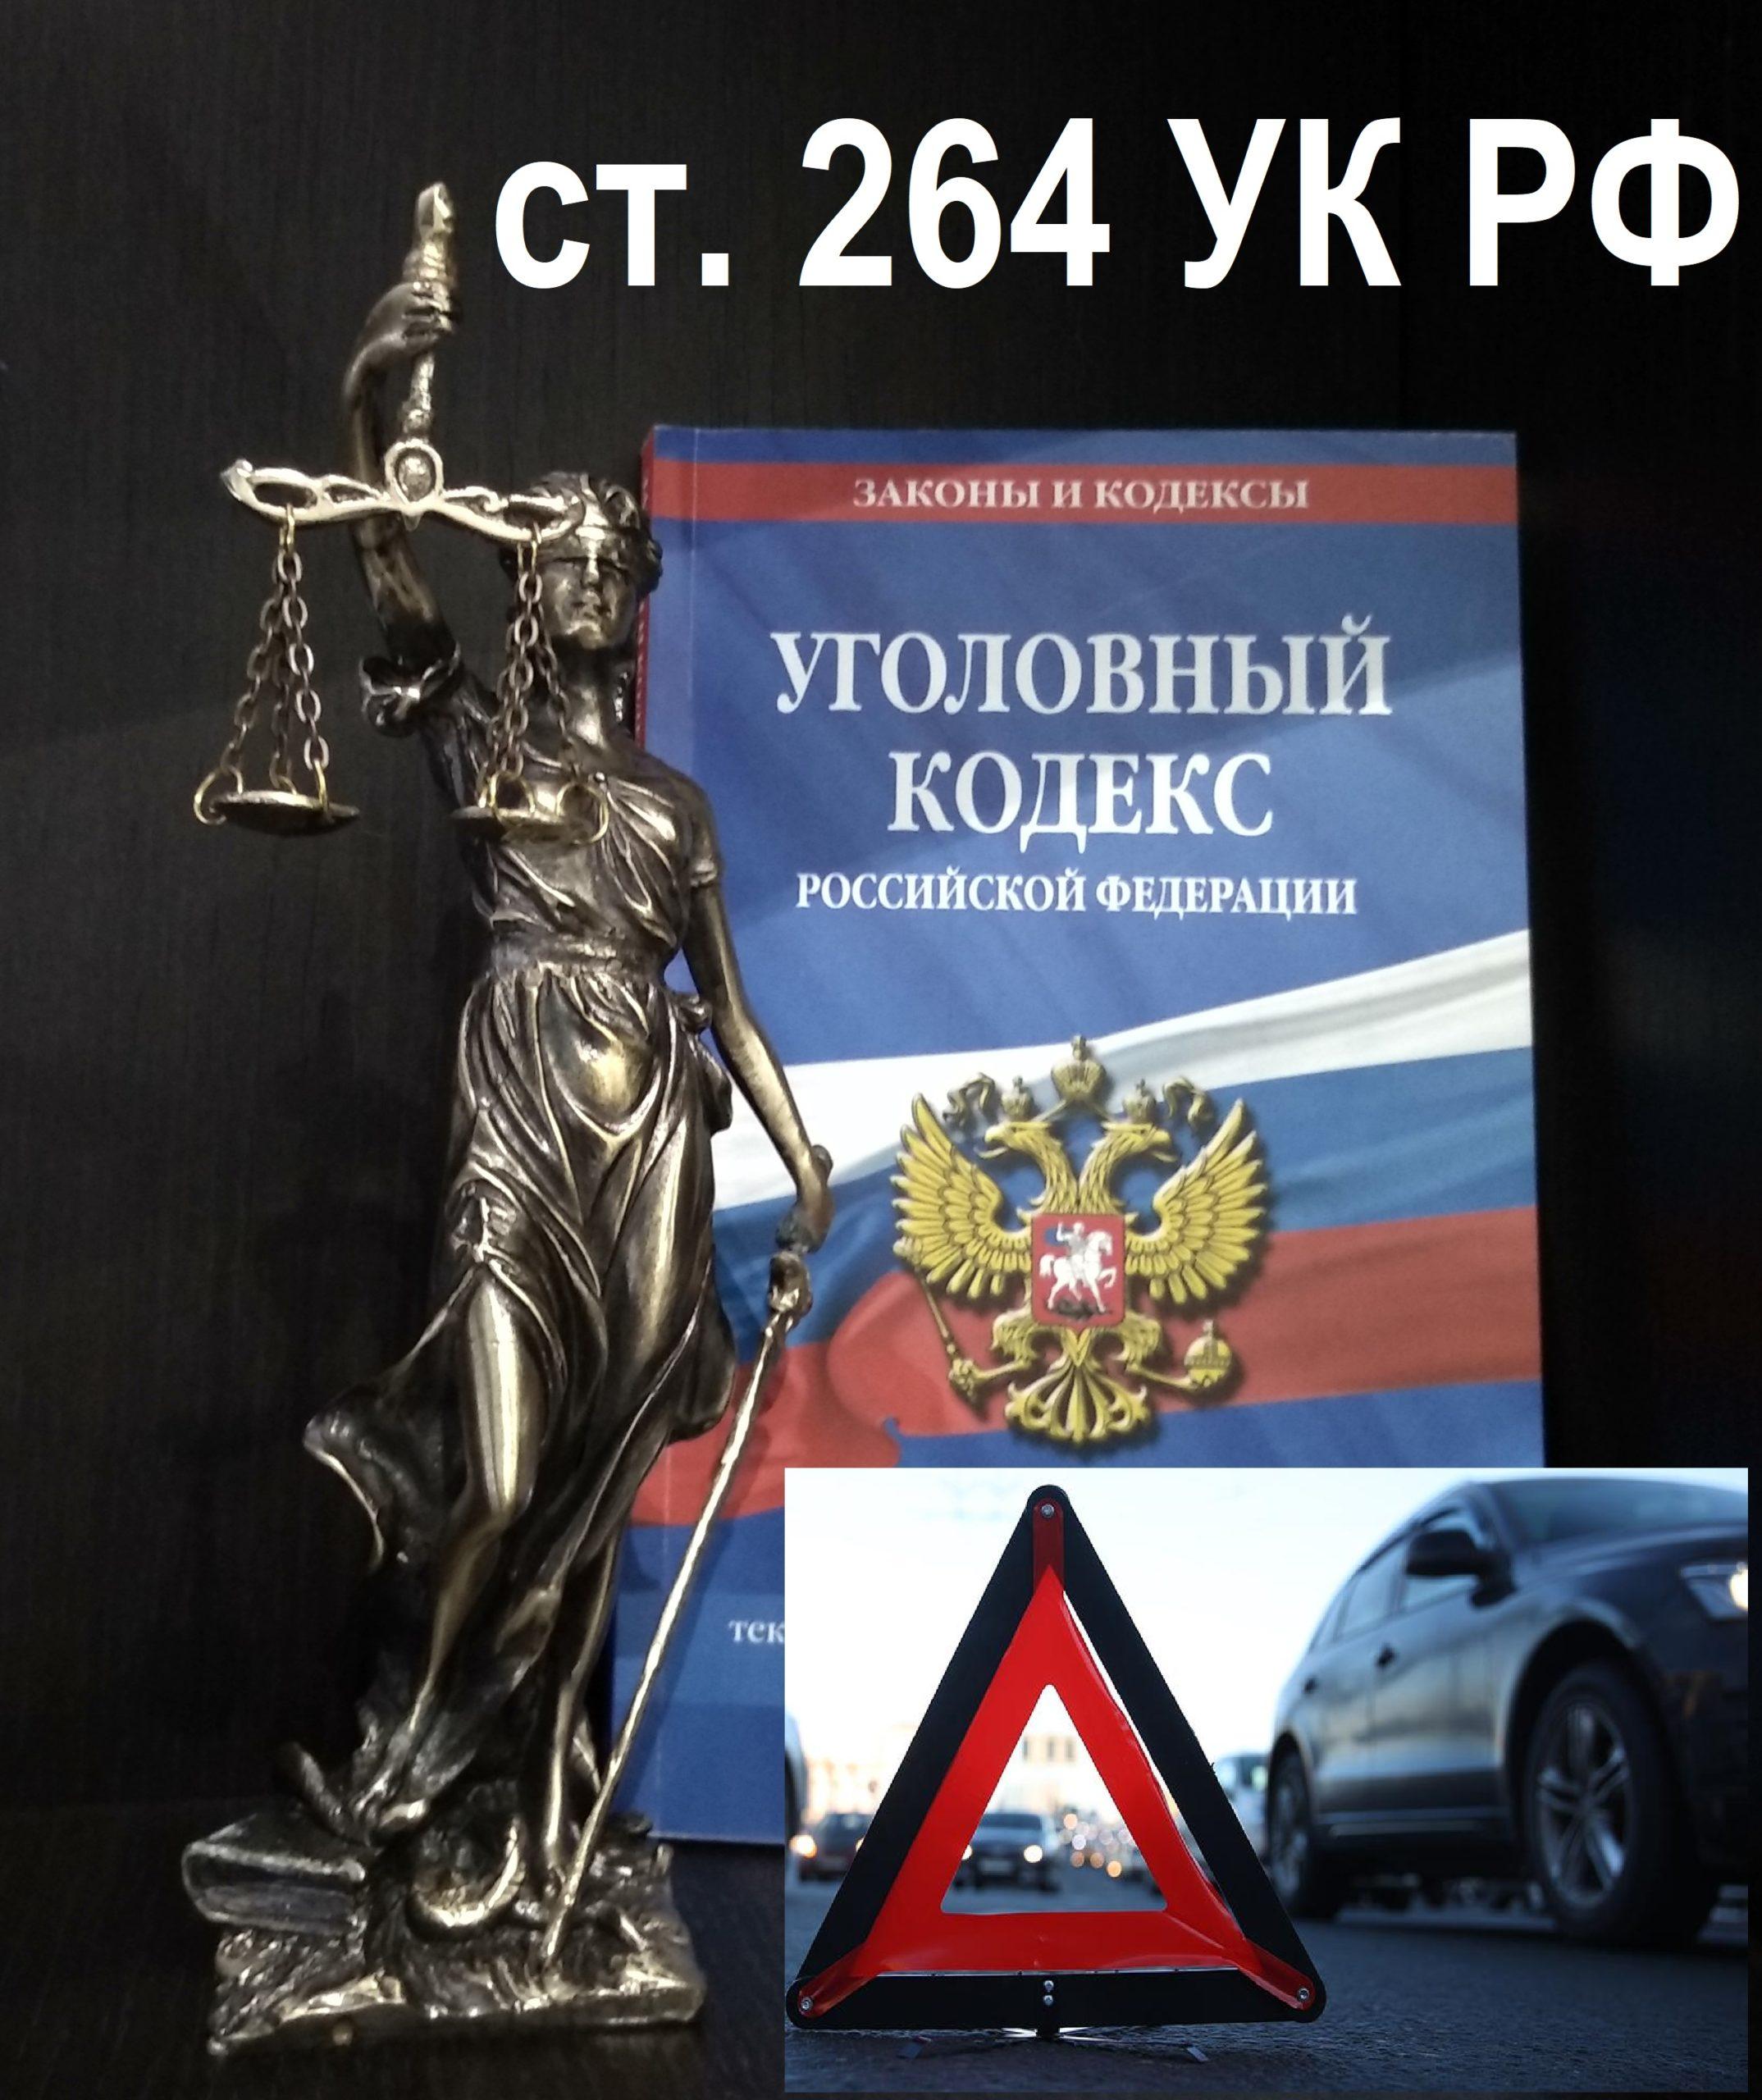 Адвокат по ст. 264 УК РФ Нарушение правил дорожного движения и эксплуатации транспортных средств